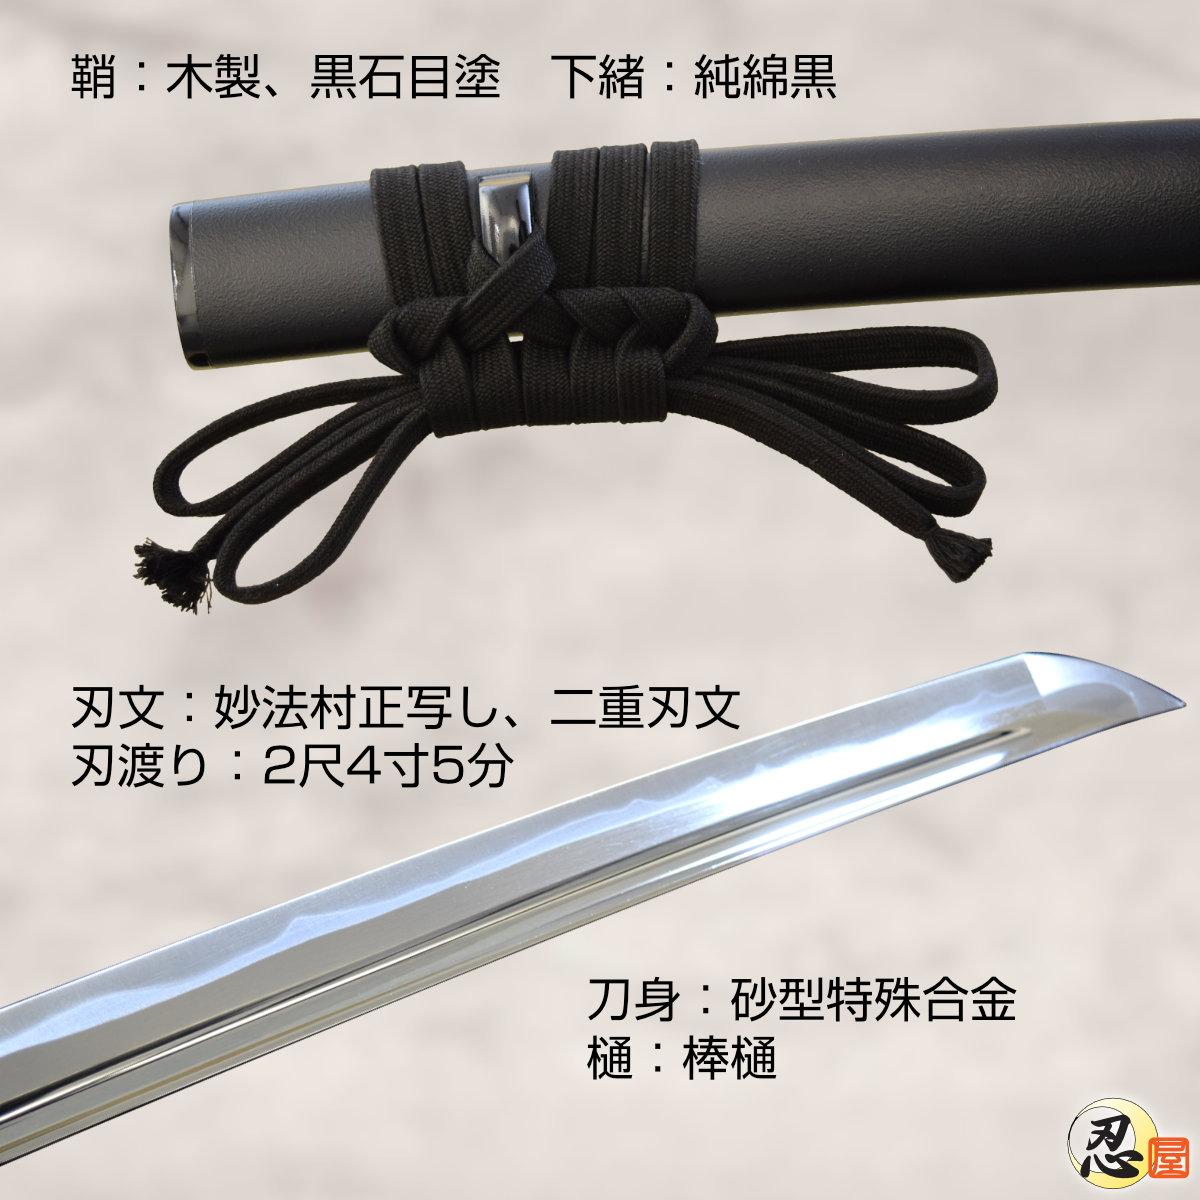 高級居合刀 刀匠 勢州桑名住千子村正拵え(刀袋付き)【新仕様】